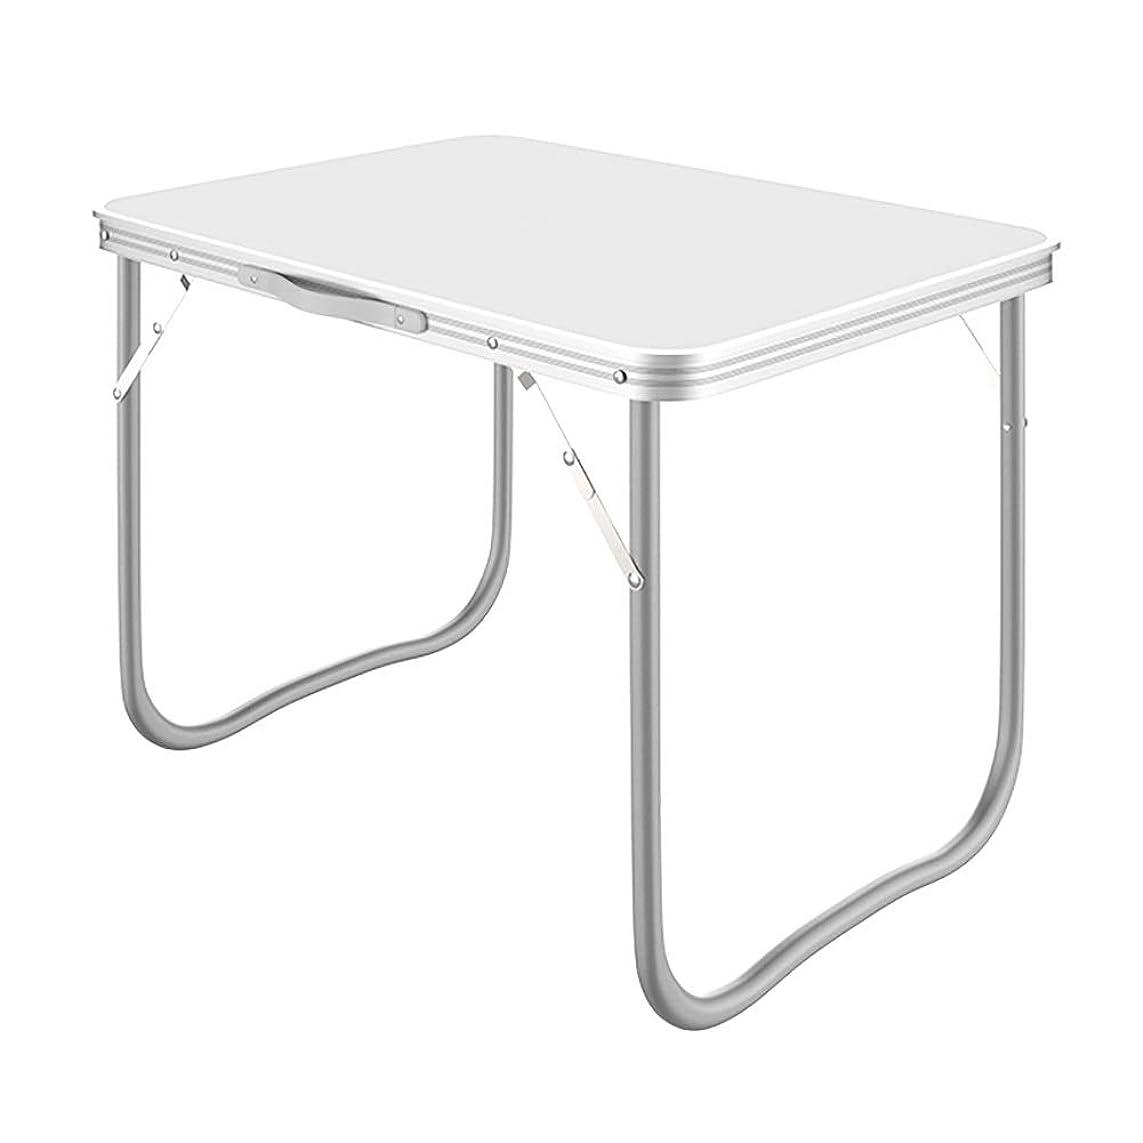 社会主義満足できる上院壁掛け式 多機能折りたたみテーブル、屋外折りたたみテーブル、家庭用シンプル折りたたみテーブル、軽量ポータブル折りたたみテーブル (Color : White, Size : 80×60×70cm)